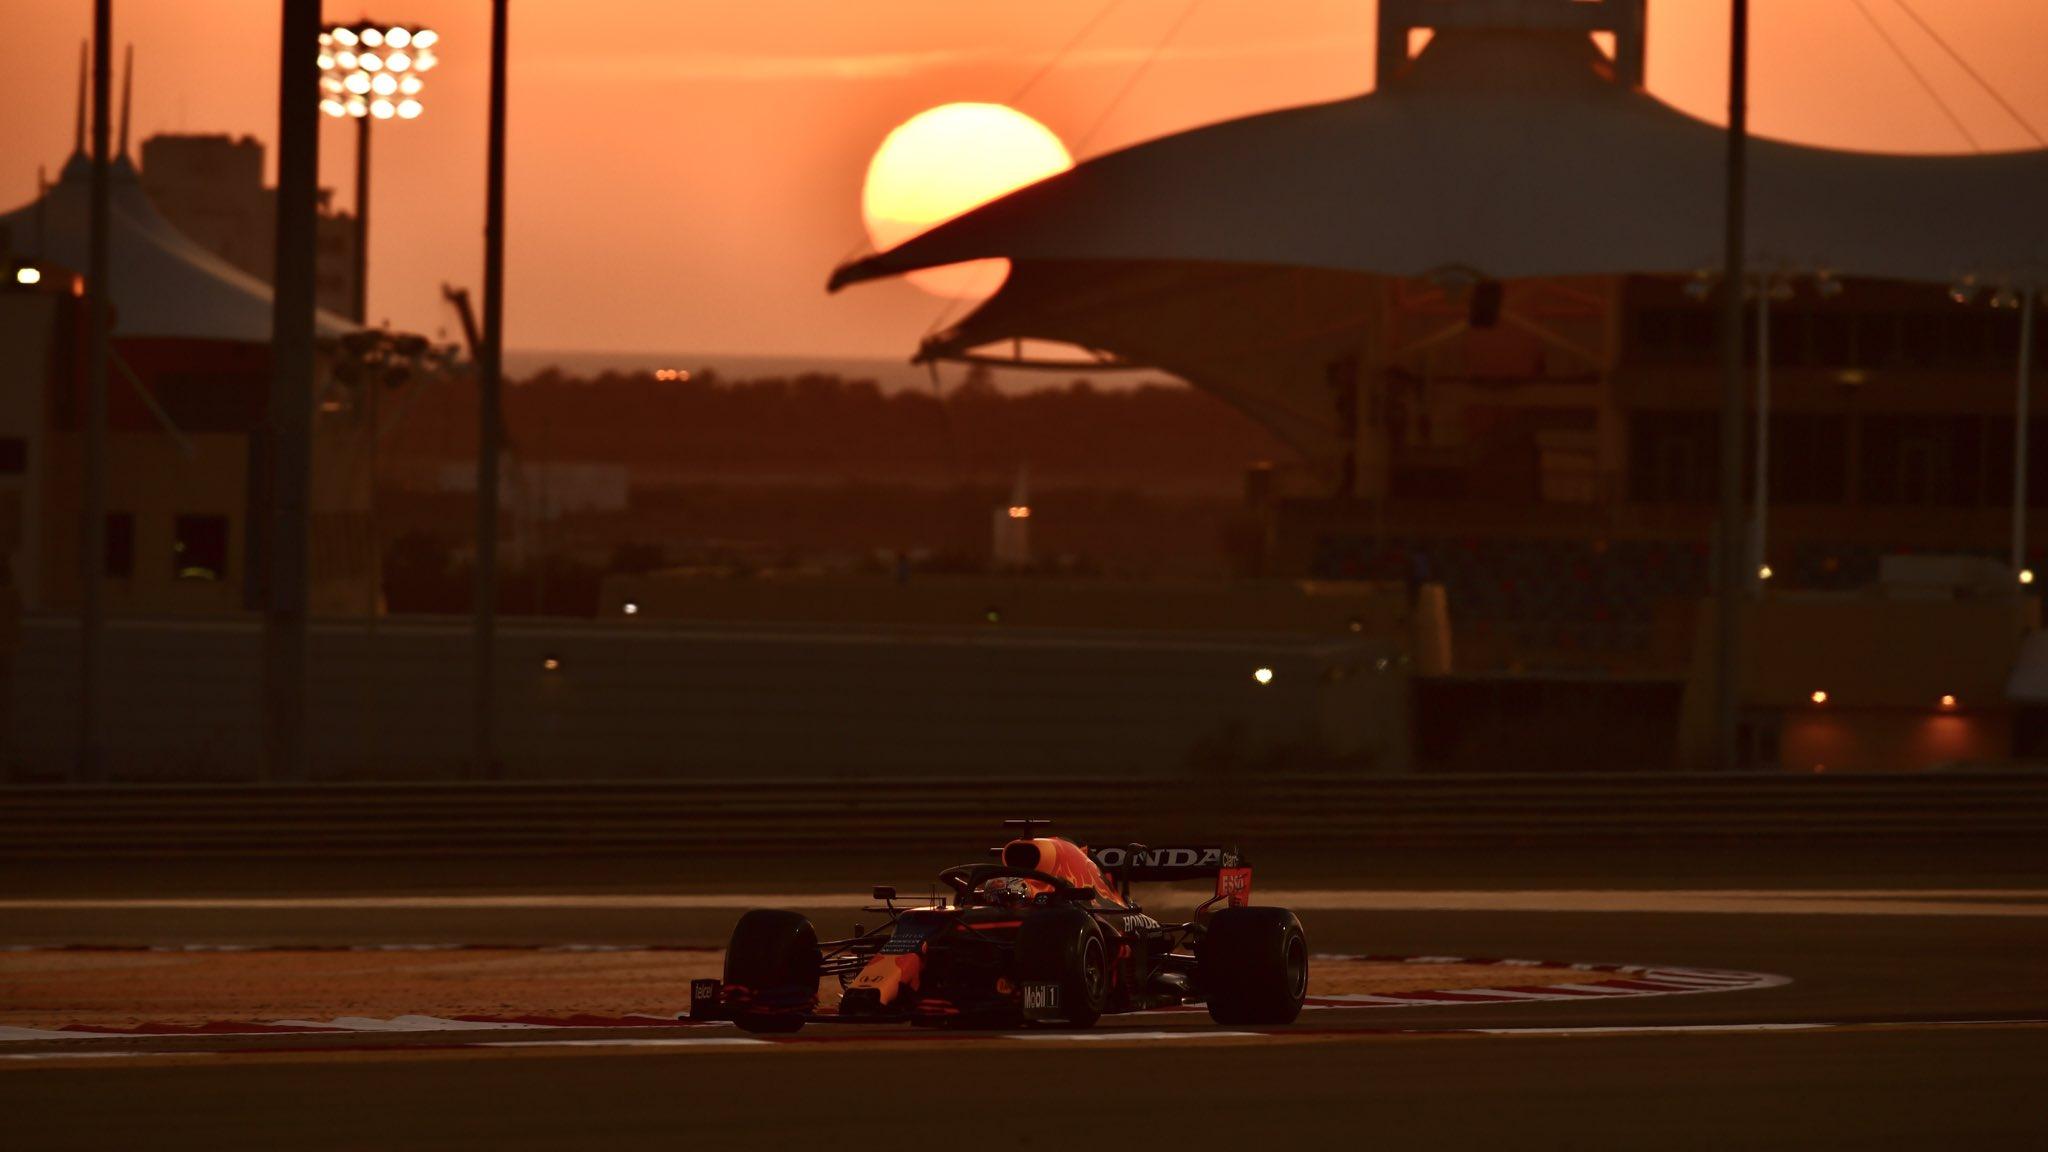 http://www.superf1.be/spip/IMG/jpg/bahrein2021.jpg